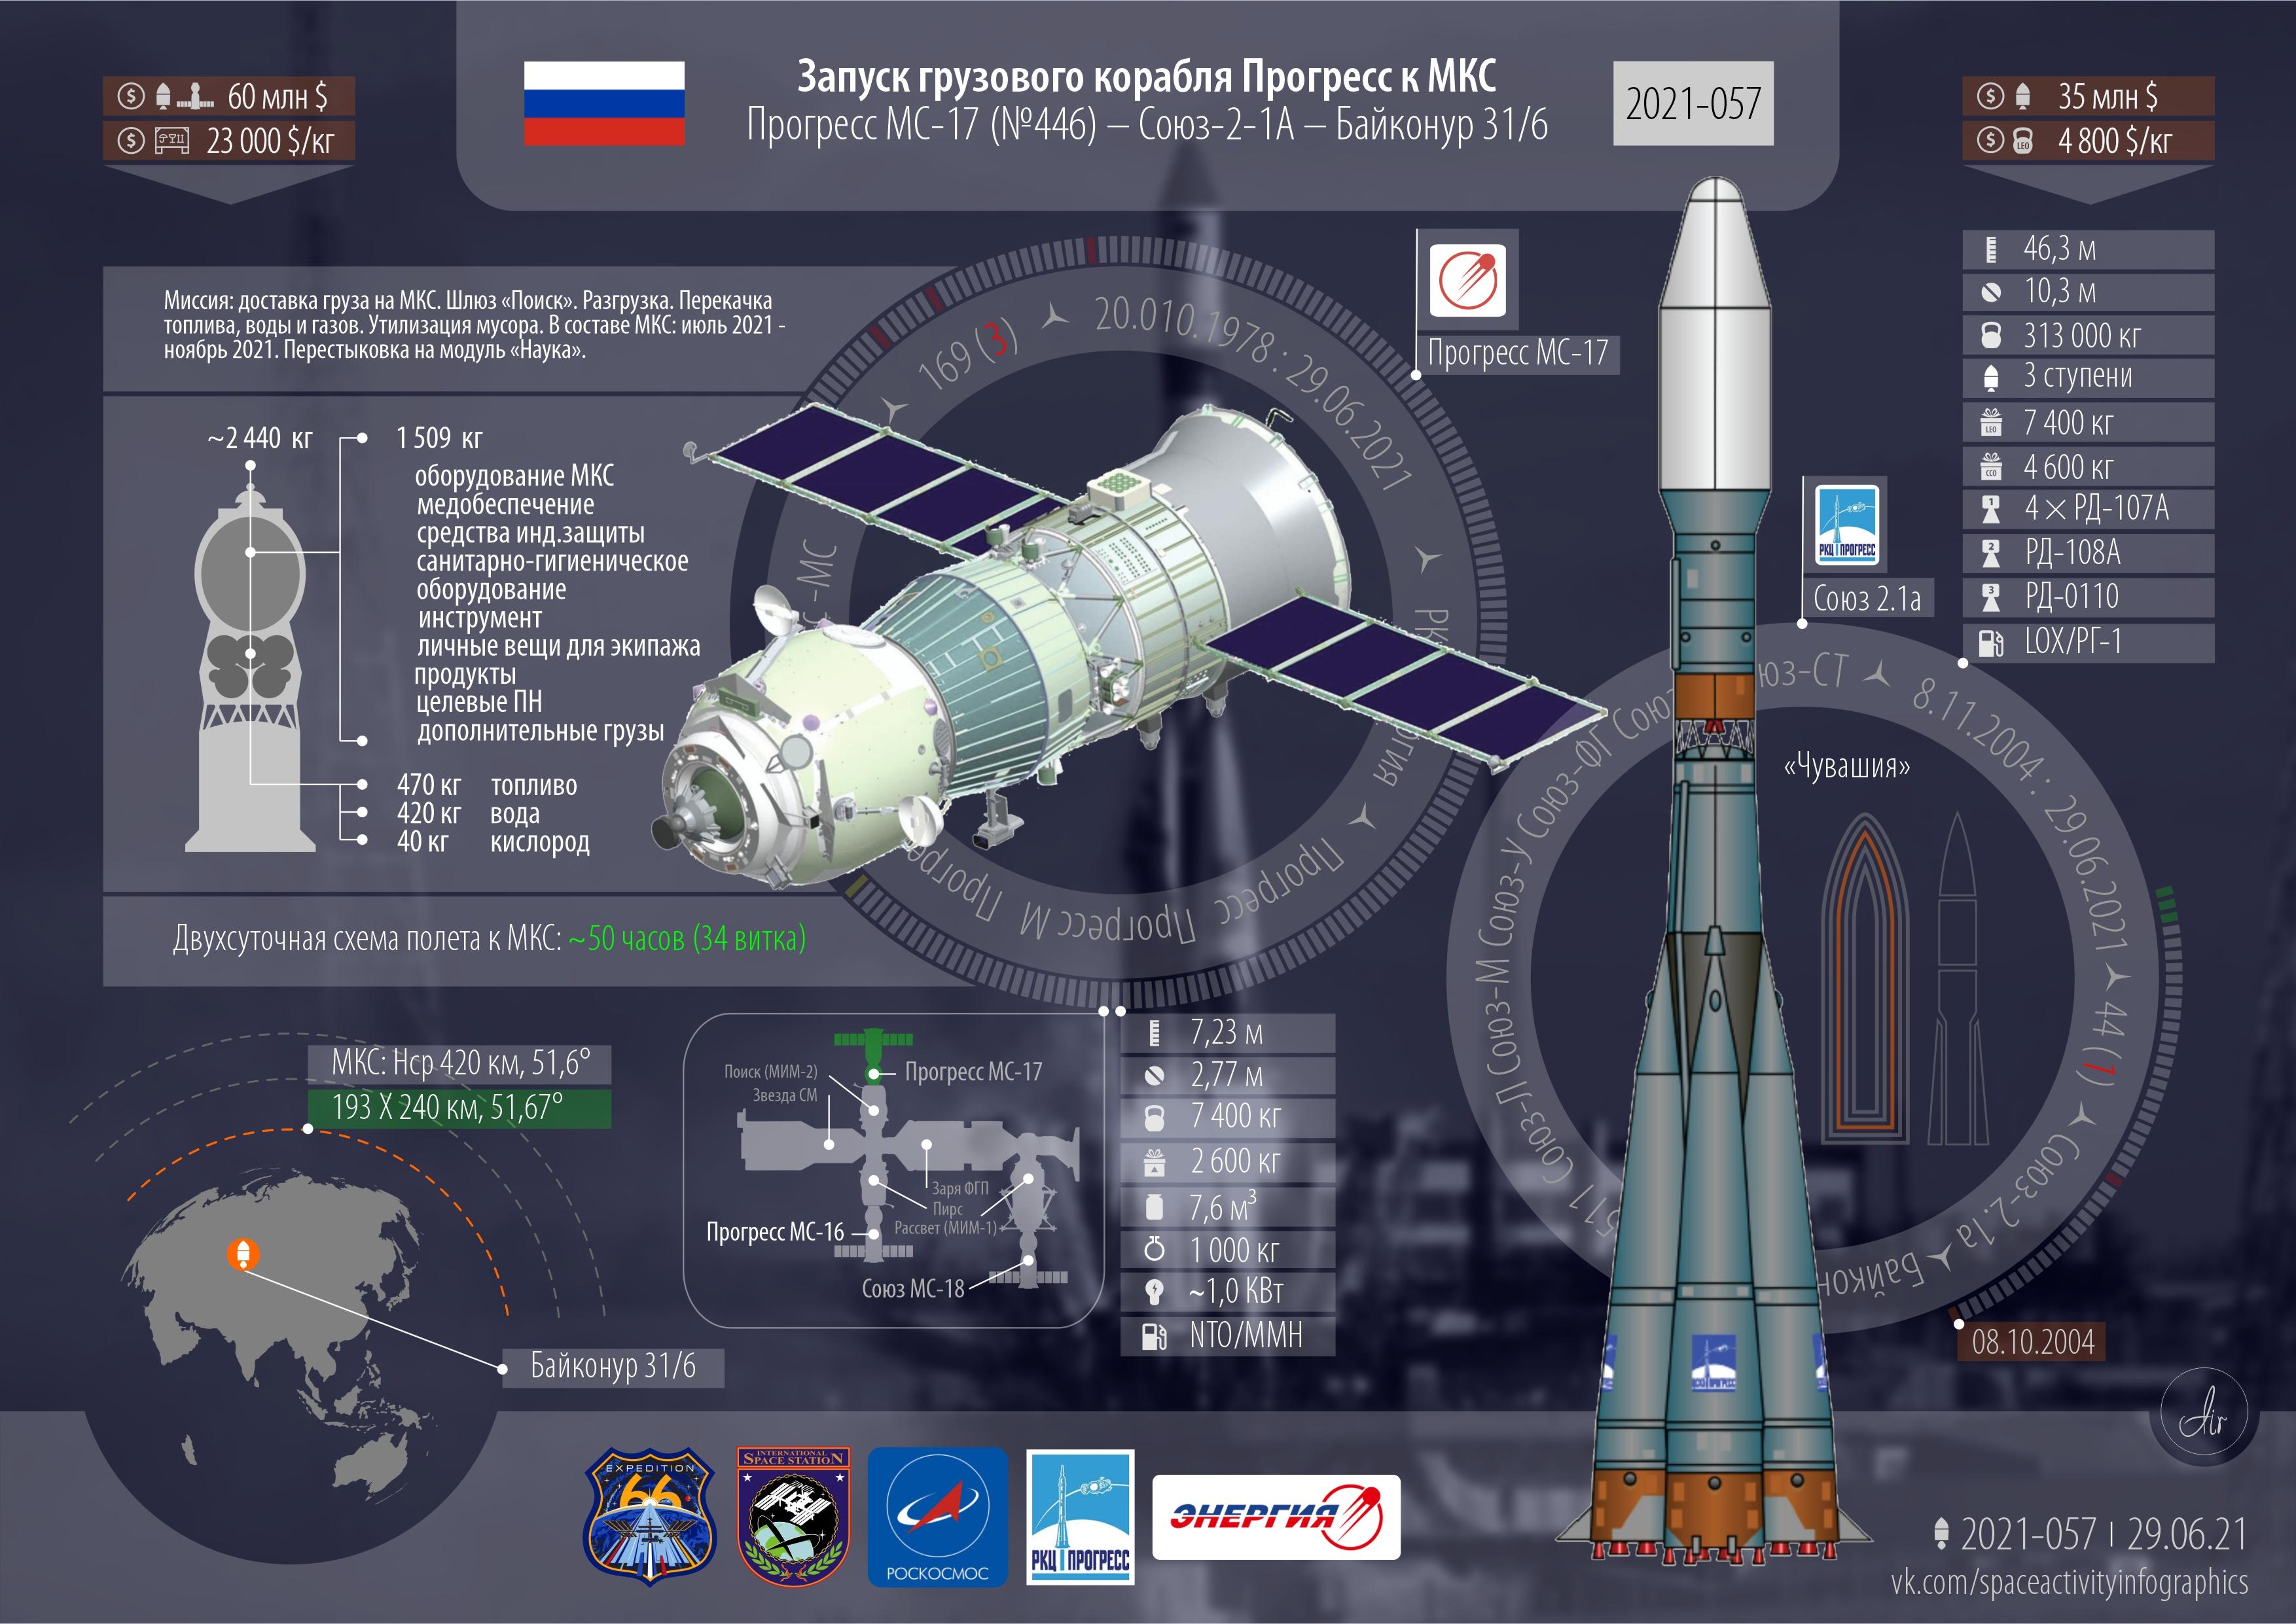 Инфографика текущего запуска Прогресс МС-17